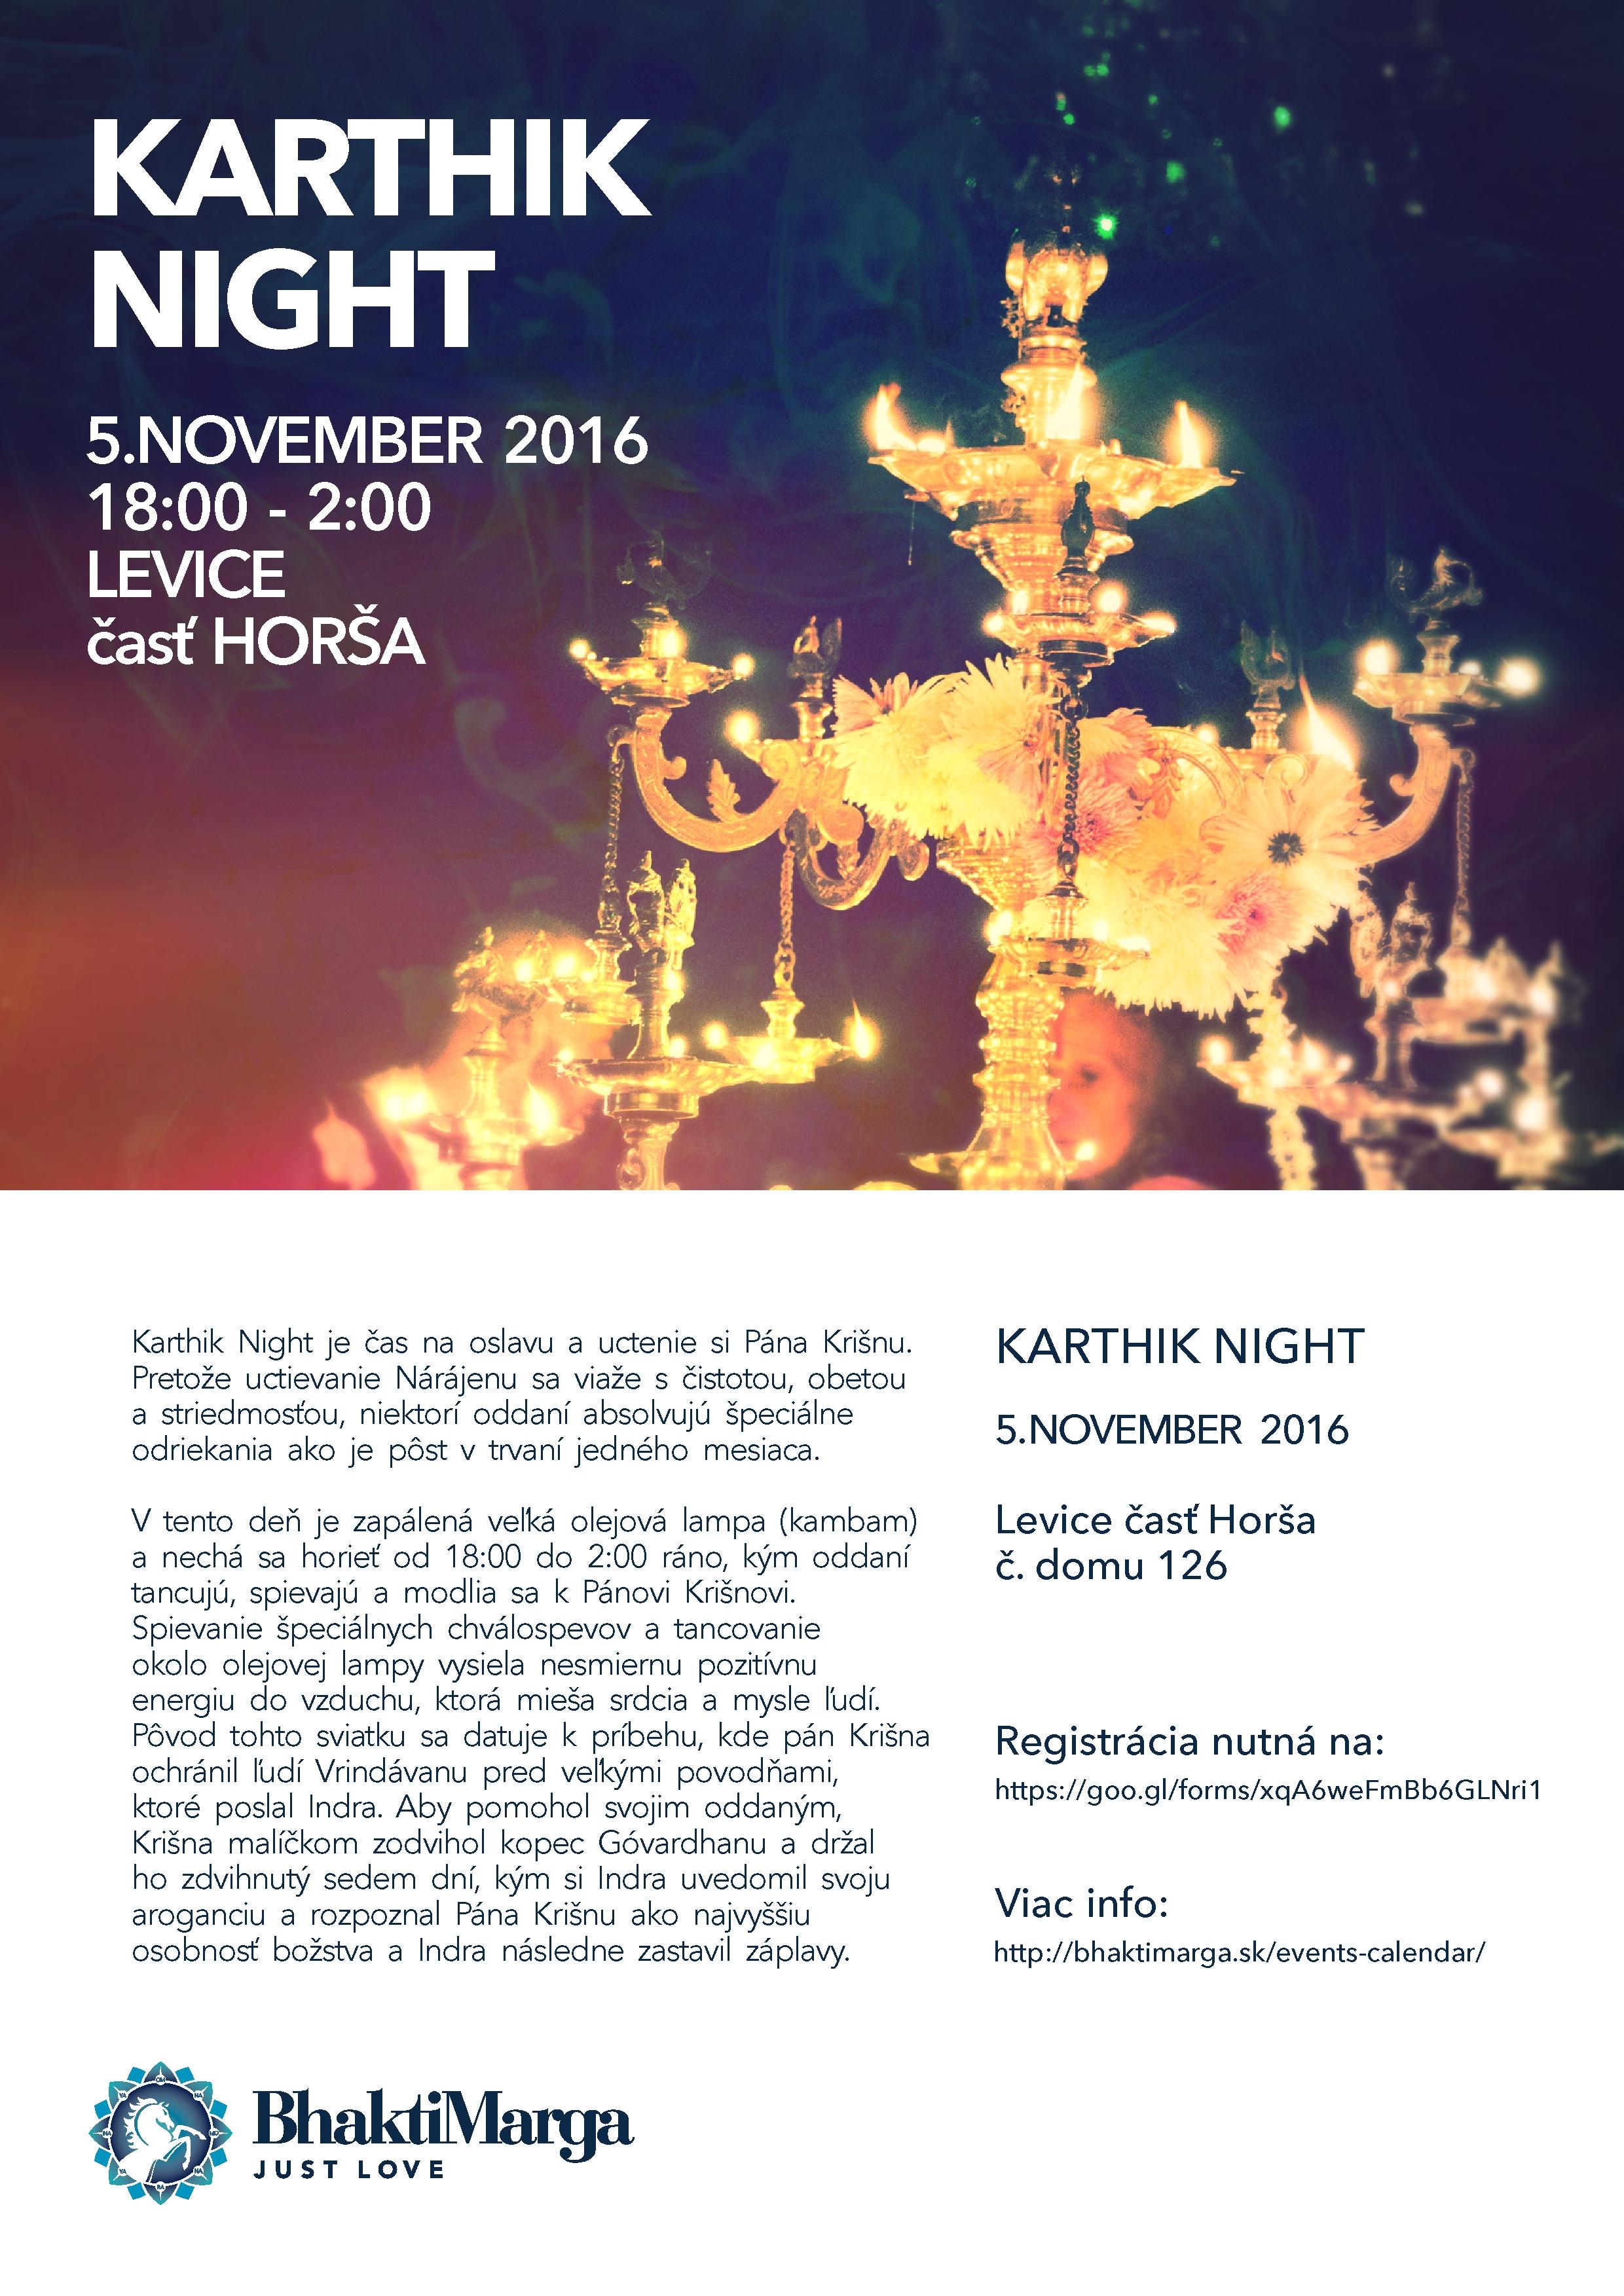 karthik-night